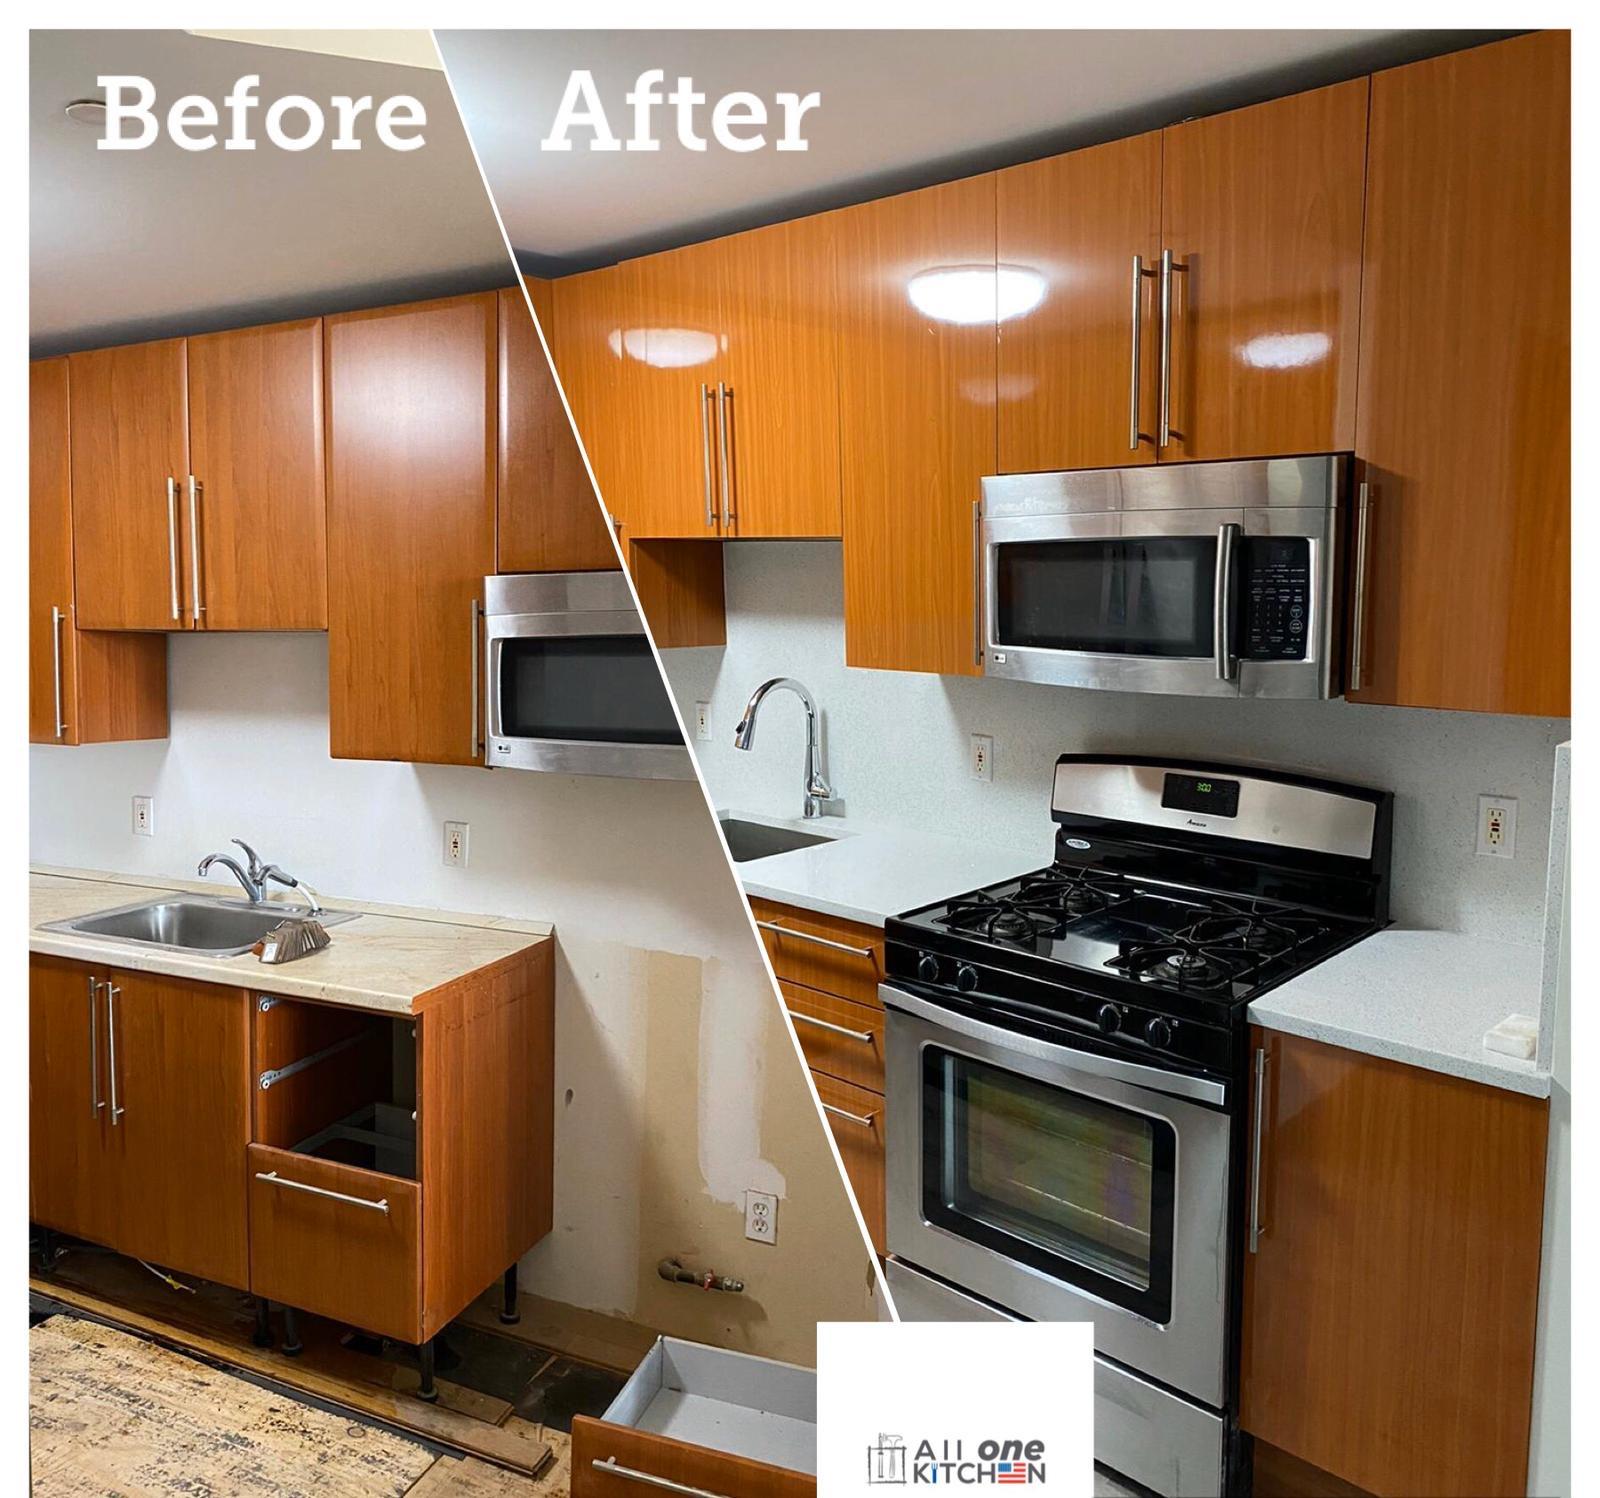 Kitchen Cabinets Repair Contractors CabiRepairs | Kitchen CabiRepairs | CabiRefinish